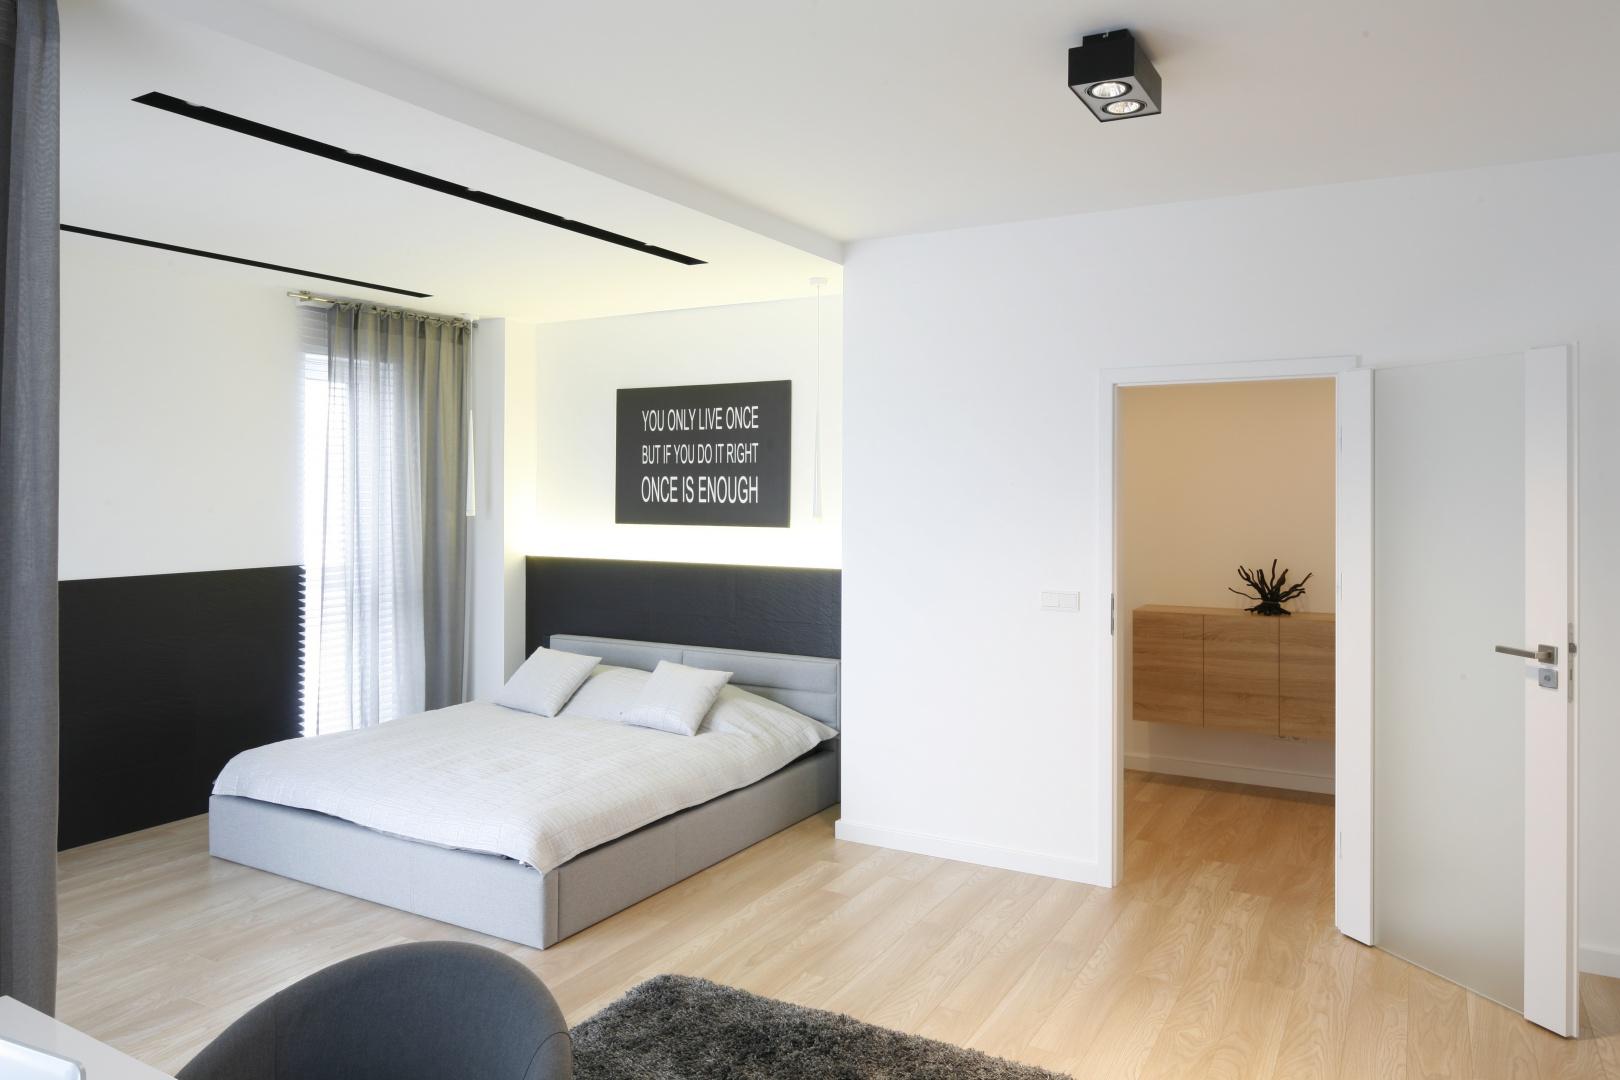 Sypialnia urządzona w minimalistycznym stylu. Meble oraz dekoracje ograniczono tu do minimum. W zasadzie jedynym elementem wnętrza jest łóżko oraz oszczędny w wyrazie obraz. Projekt: Karolina Stanek-Szadujko, Łukasz Szadujko. Fot. Bartosz Jarosz.